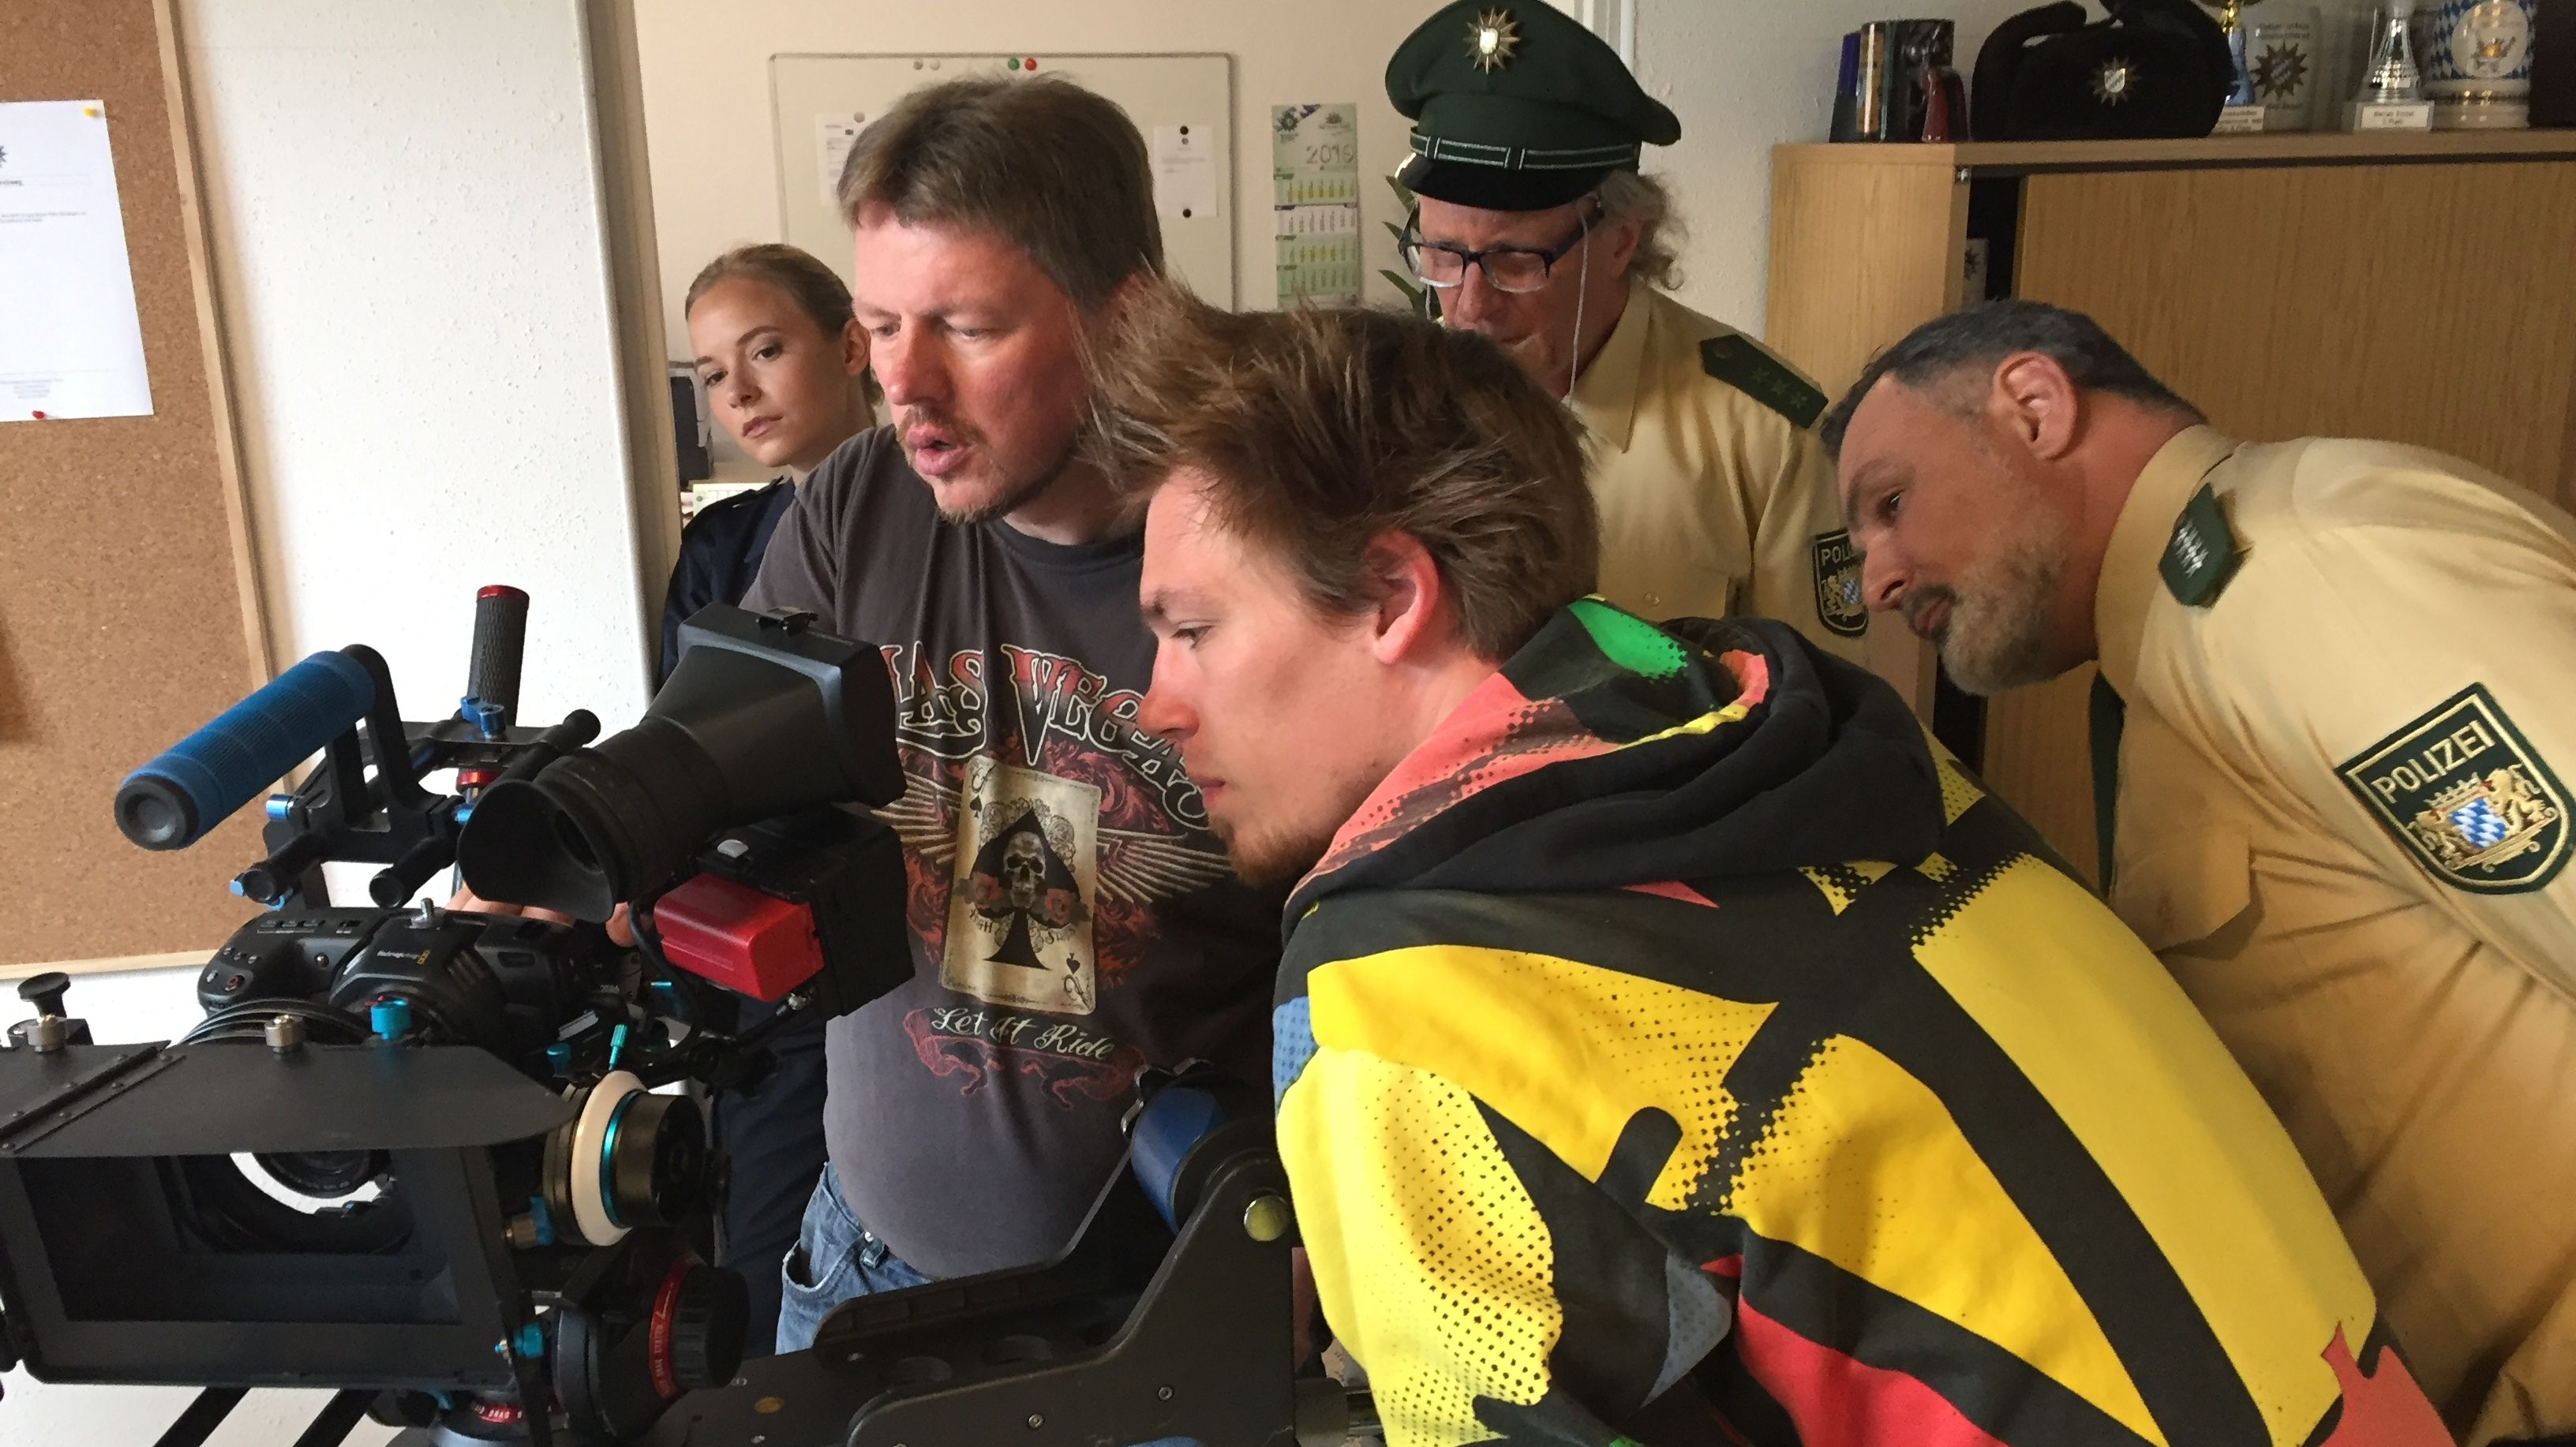 Regisseur, Schauspieler und Polizeibeamte schauen in einer Polizeistation durch das Objektiv einer Filmkamera